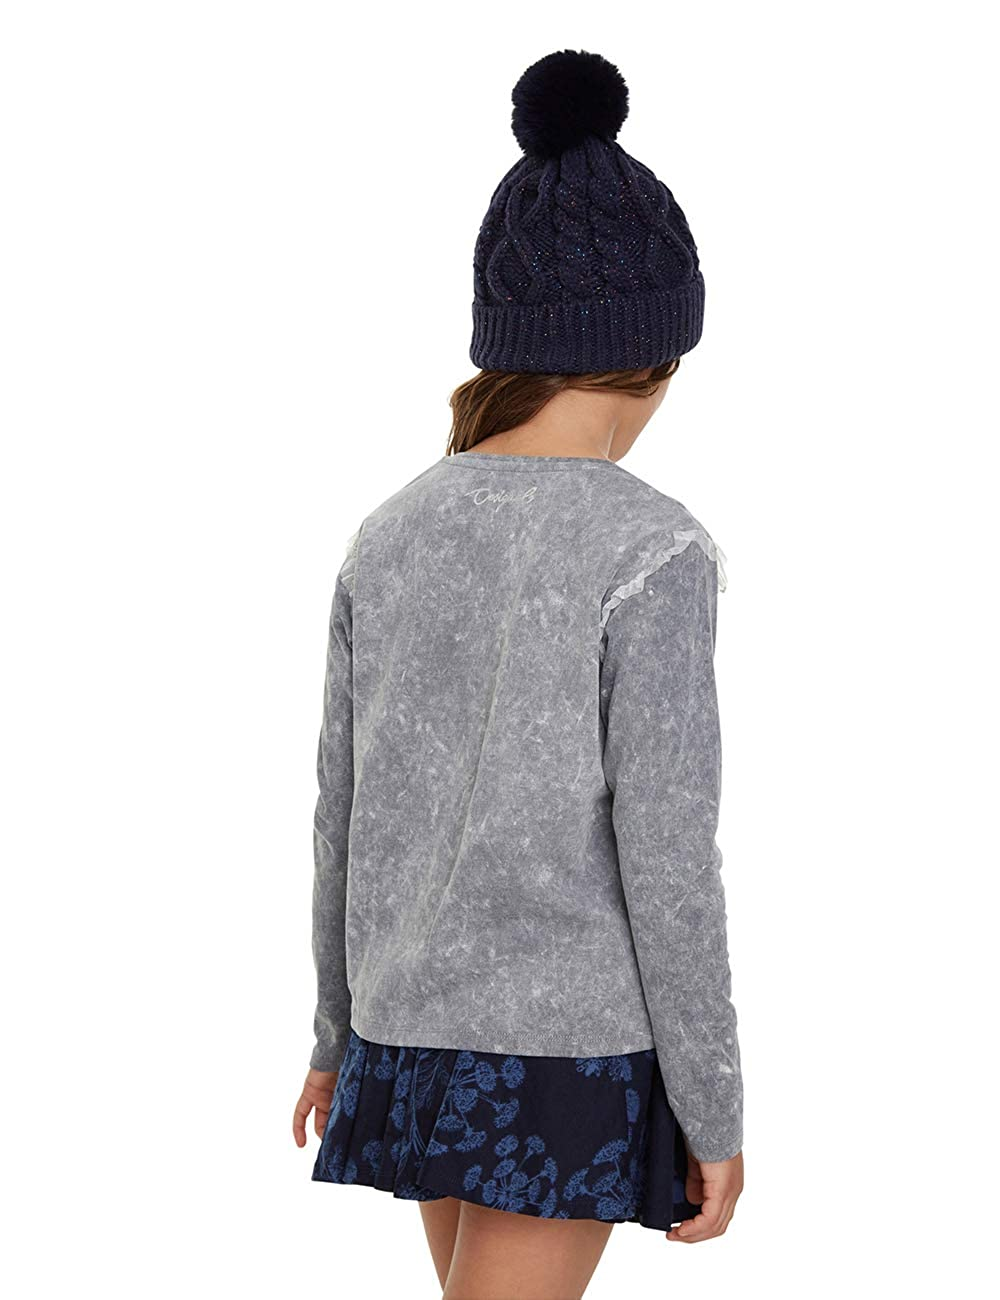 Montbau T-Shirt Manches Longues Fille Desigual T